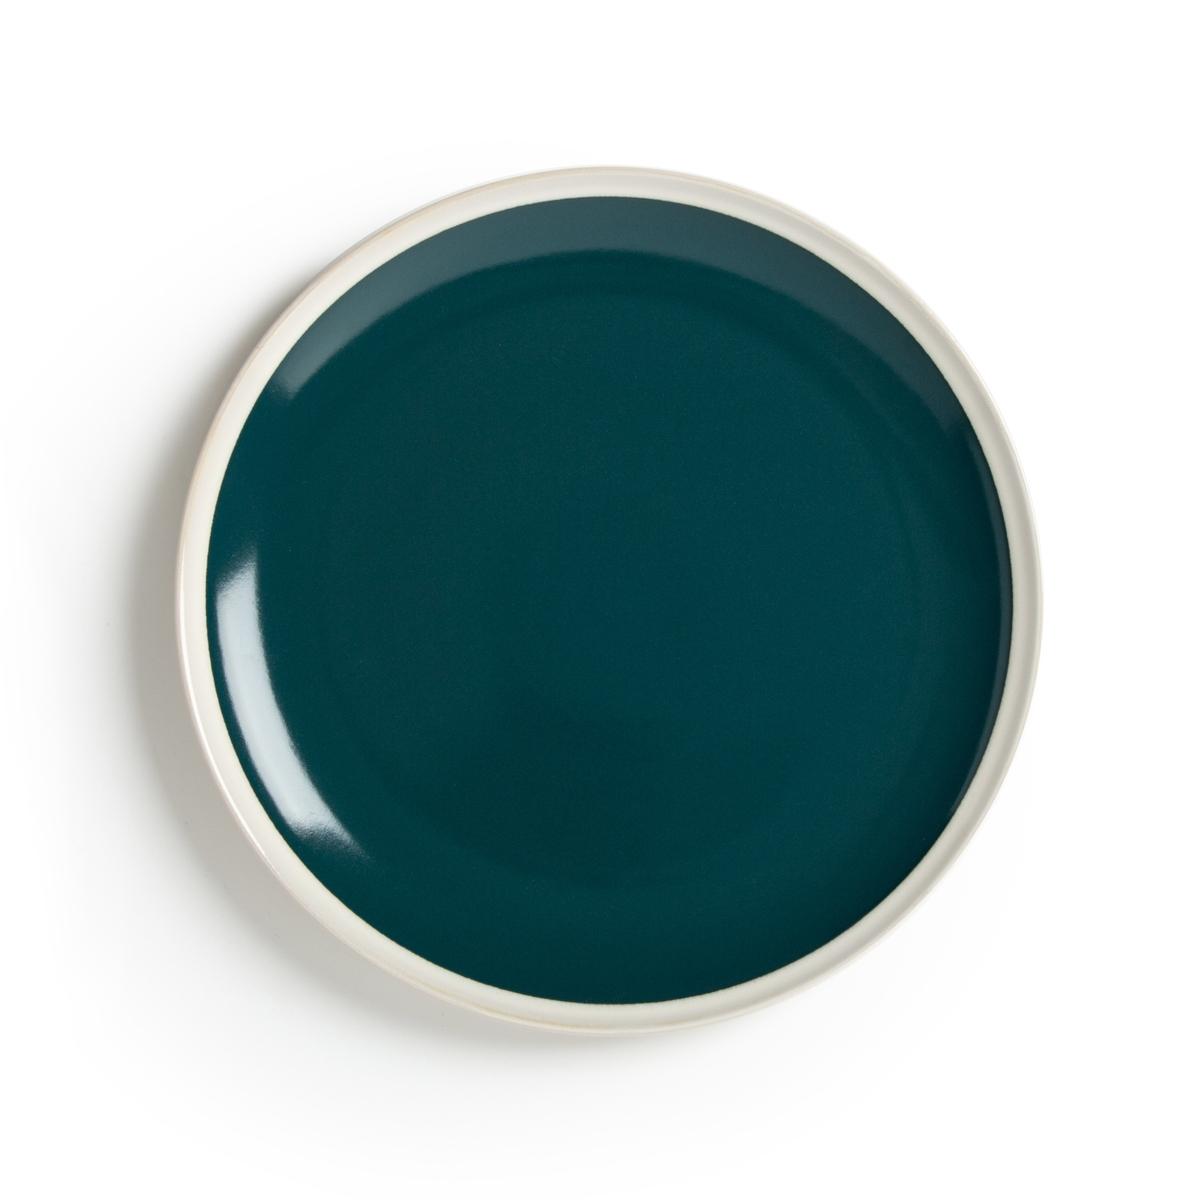 Комплект из плоских тарелок La Redoute Из керамики DEONIE единый размер зеленый